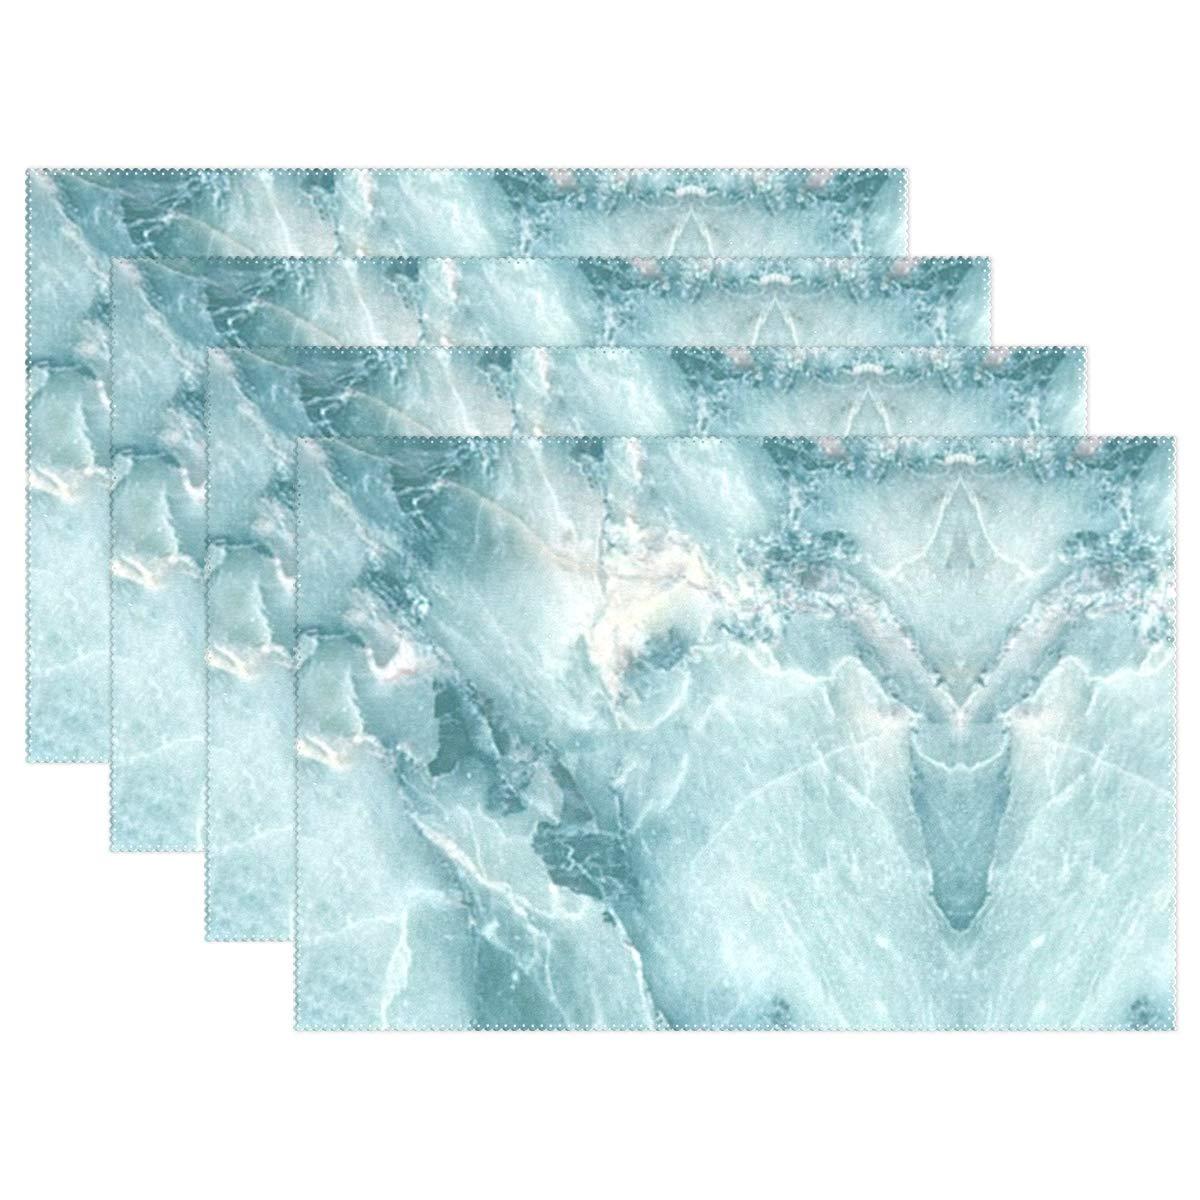 Lambbd Lewissq ブルー 大理石デザイン ダイニング 耐熱 プレースマット 汚れにくい 滑り止め 洗濯可能 キッチンテーブルマット 12x18インチ 12x18x4 in ブラック 12x18x4 in  B07L2XZNCQ